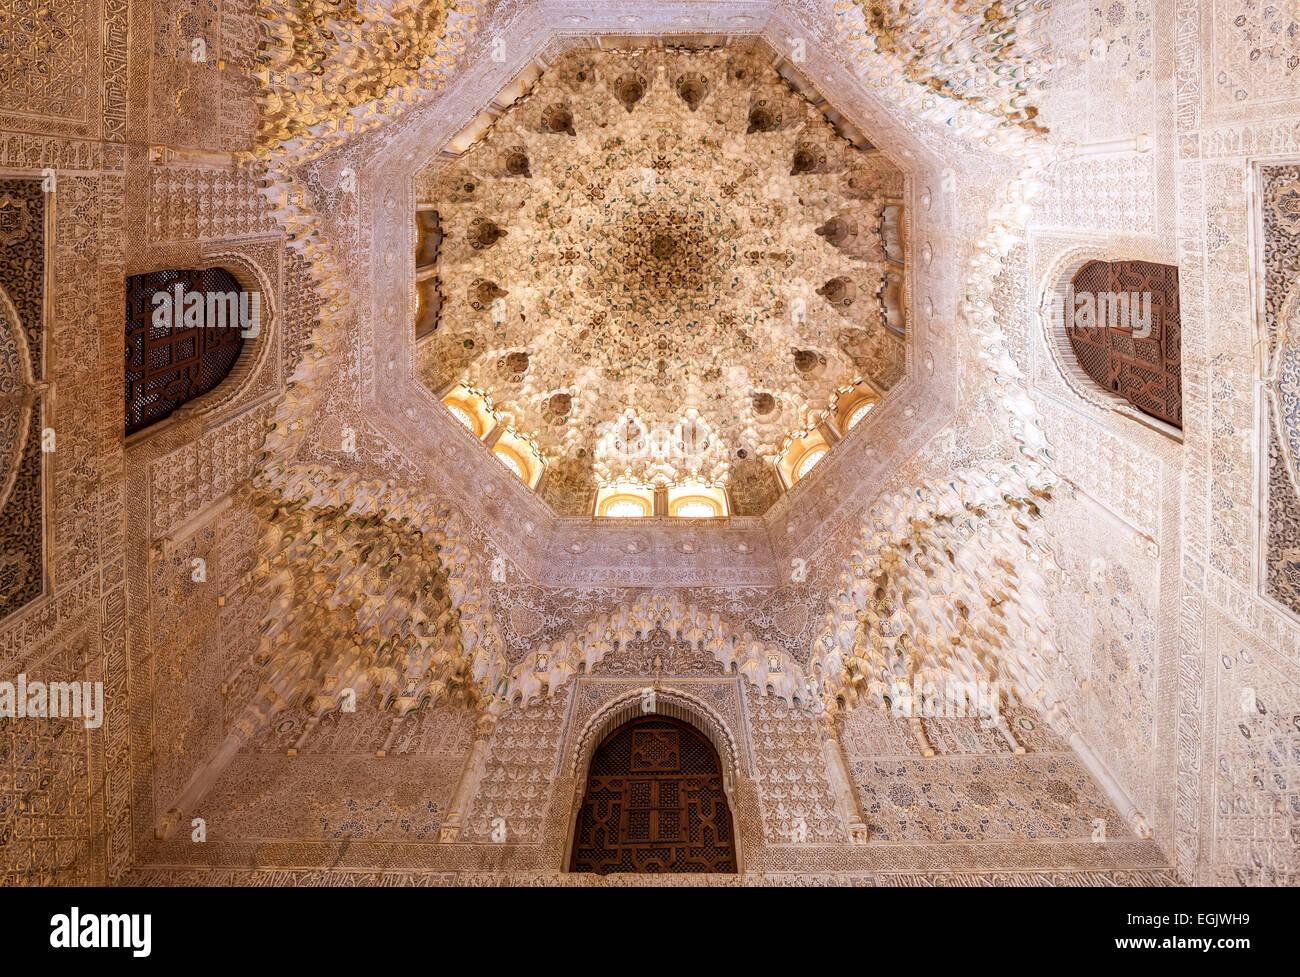 Alhambra Granada Spagna. Cupola decorata con soffitto a volta di stalattite soffitto nella Sala delle due sorelle Immagini Stock